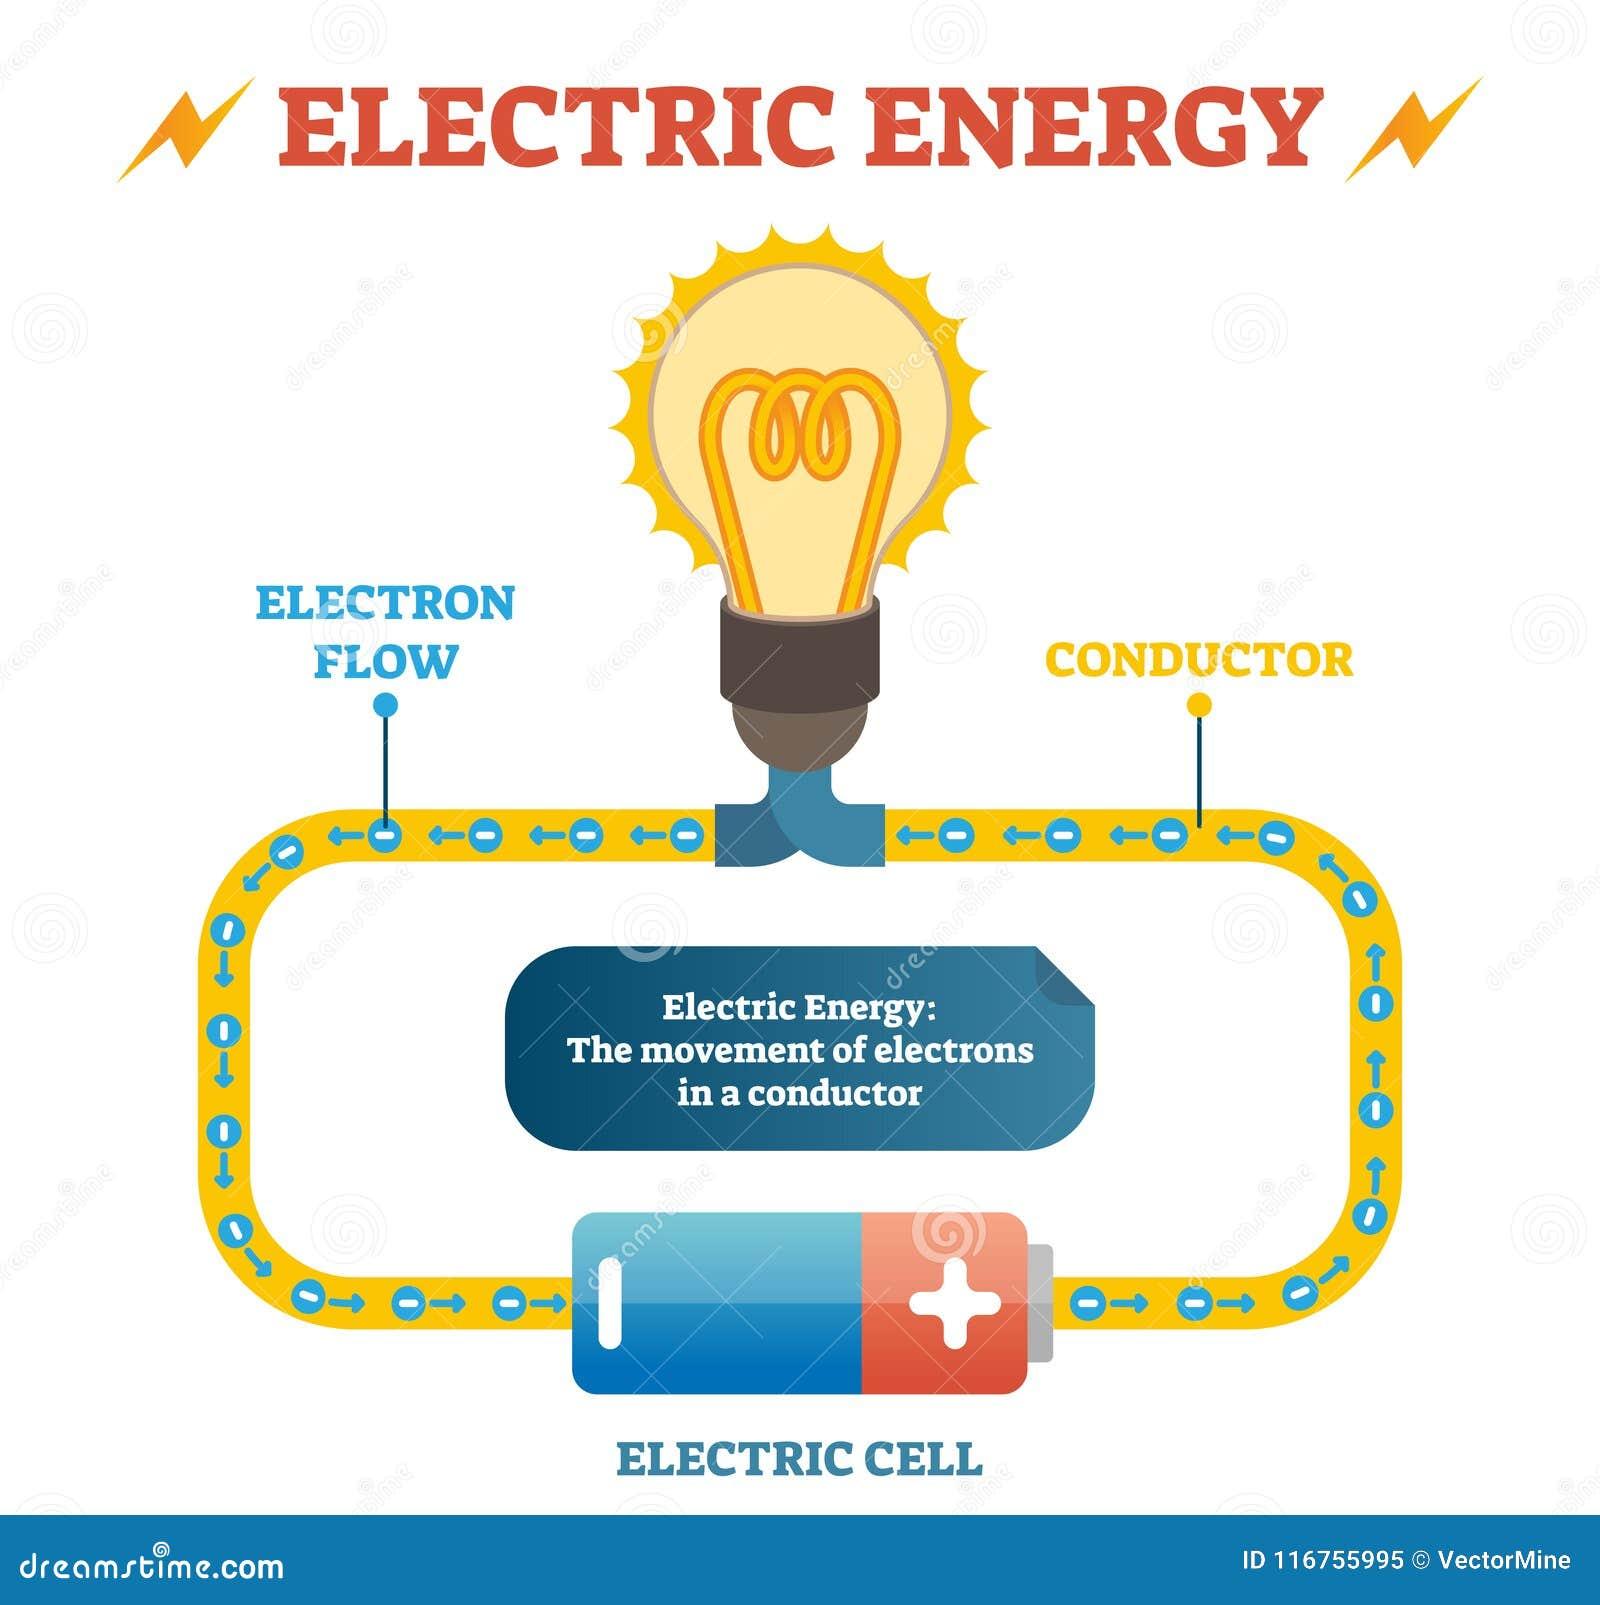 Circuito Basico Electrico : Elaborar un circuito eléctrico básico y un timbre